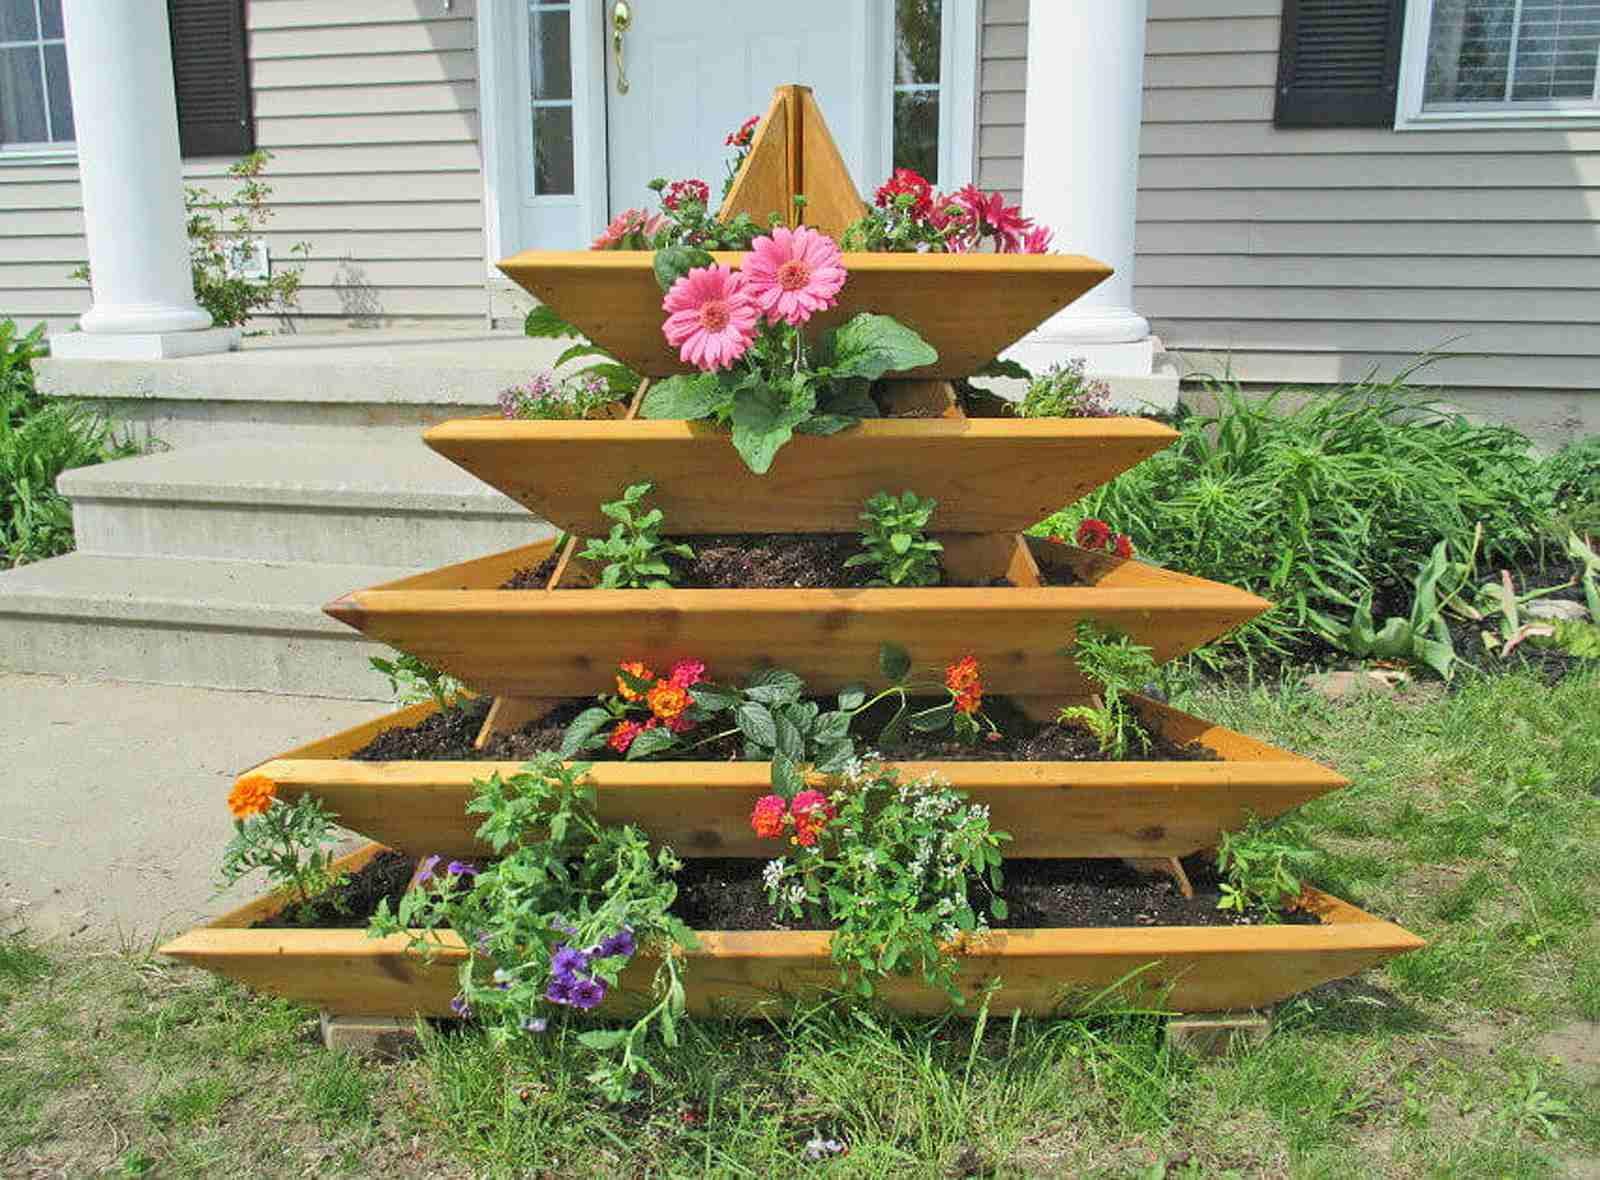 Изготовление садовых фигур своими руками: тонкости и секреты технологий